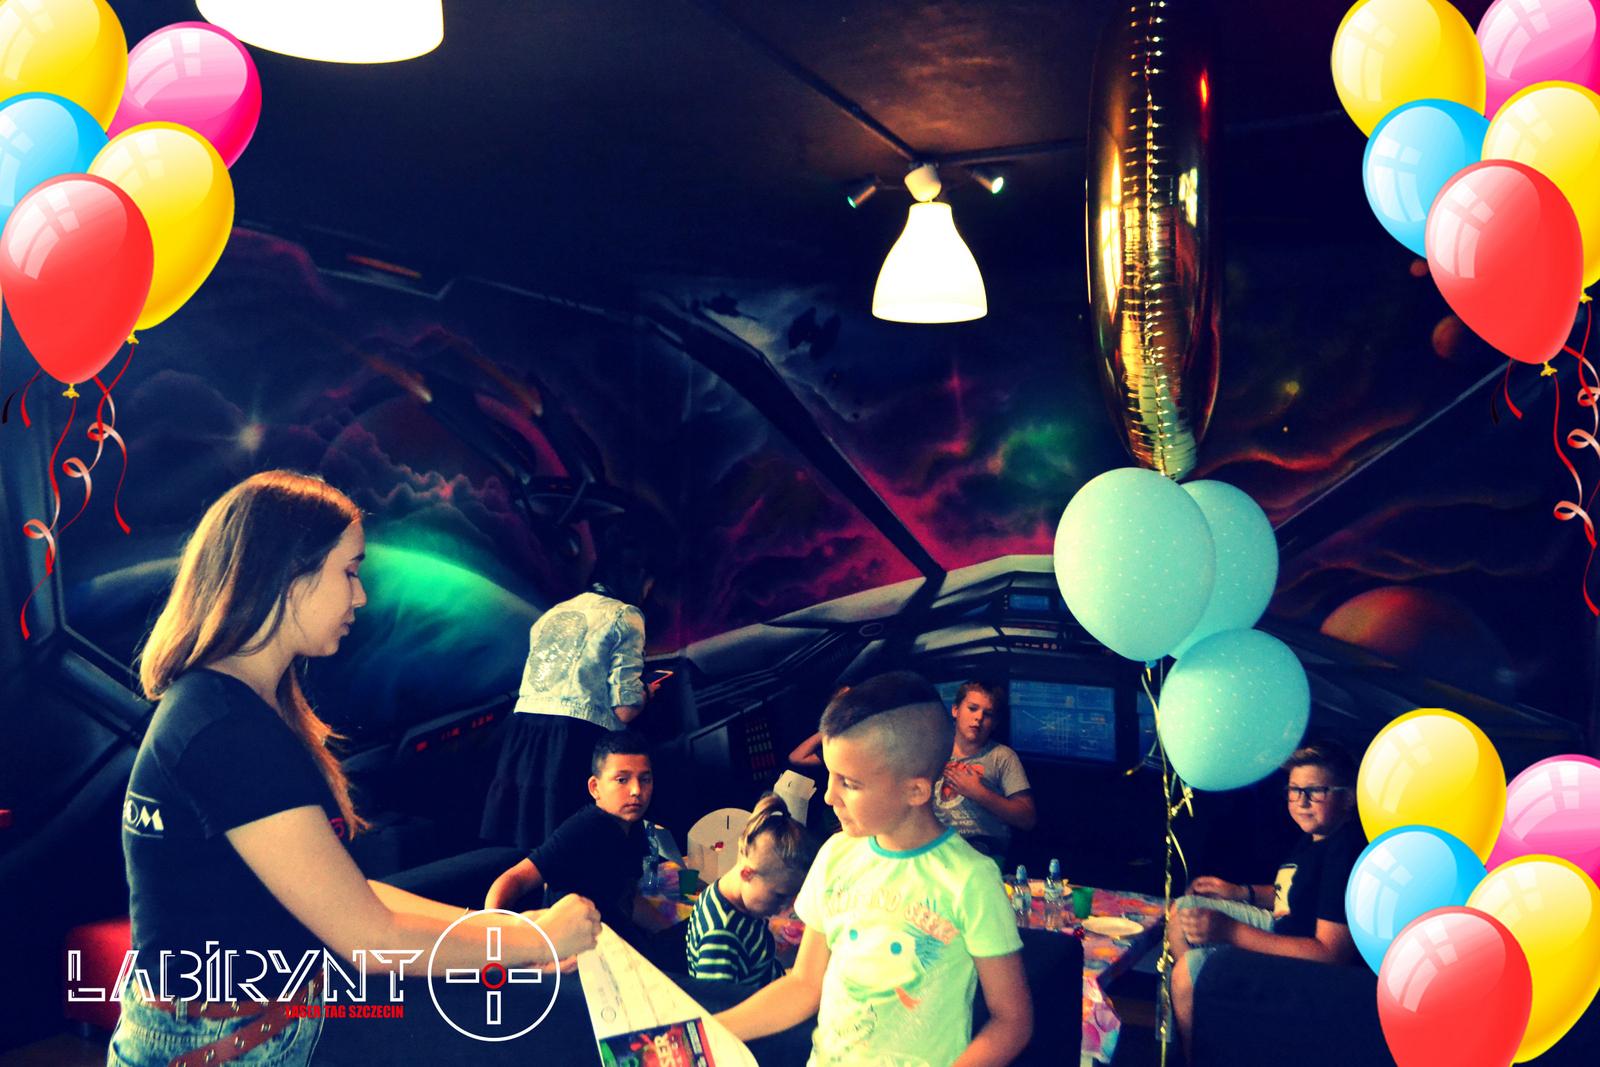 Impreza urodzinowa w Szczecinie